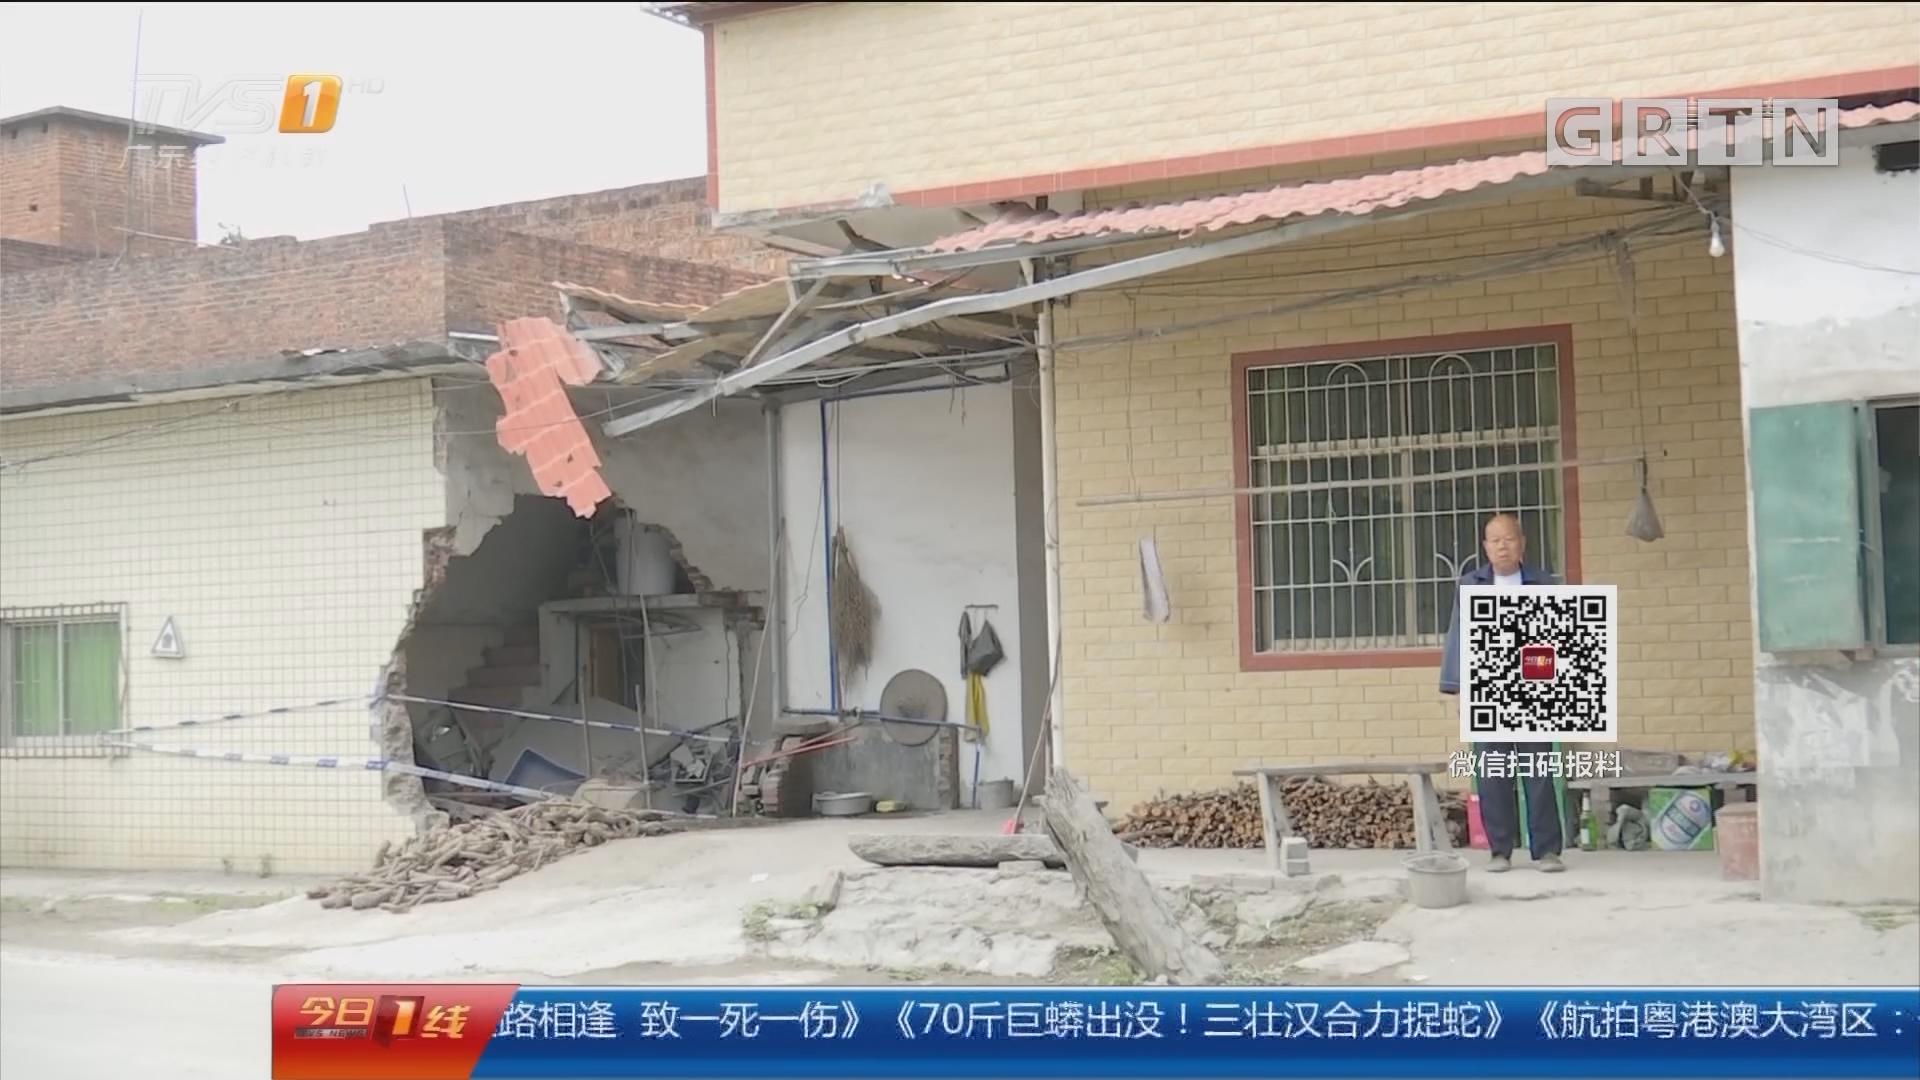 广州增城正果镇:货车超速行驶 飞出轮胎砸向民屋